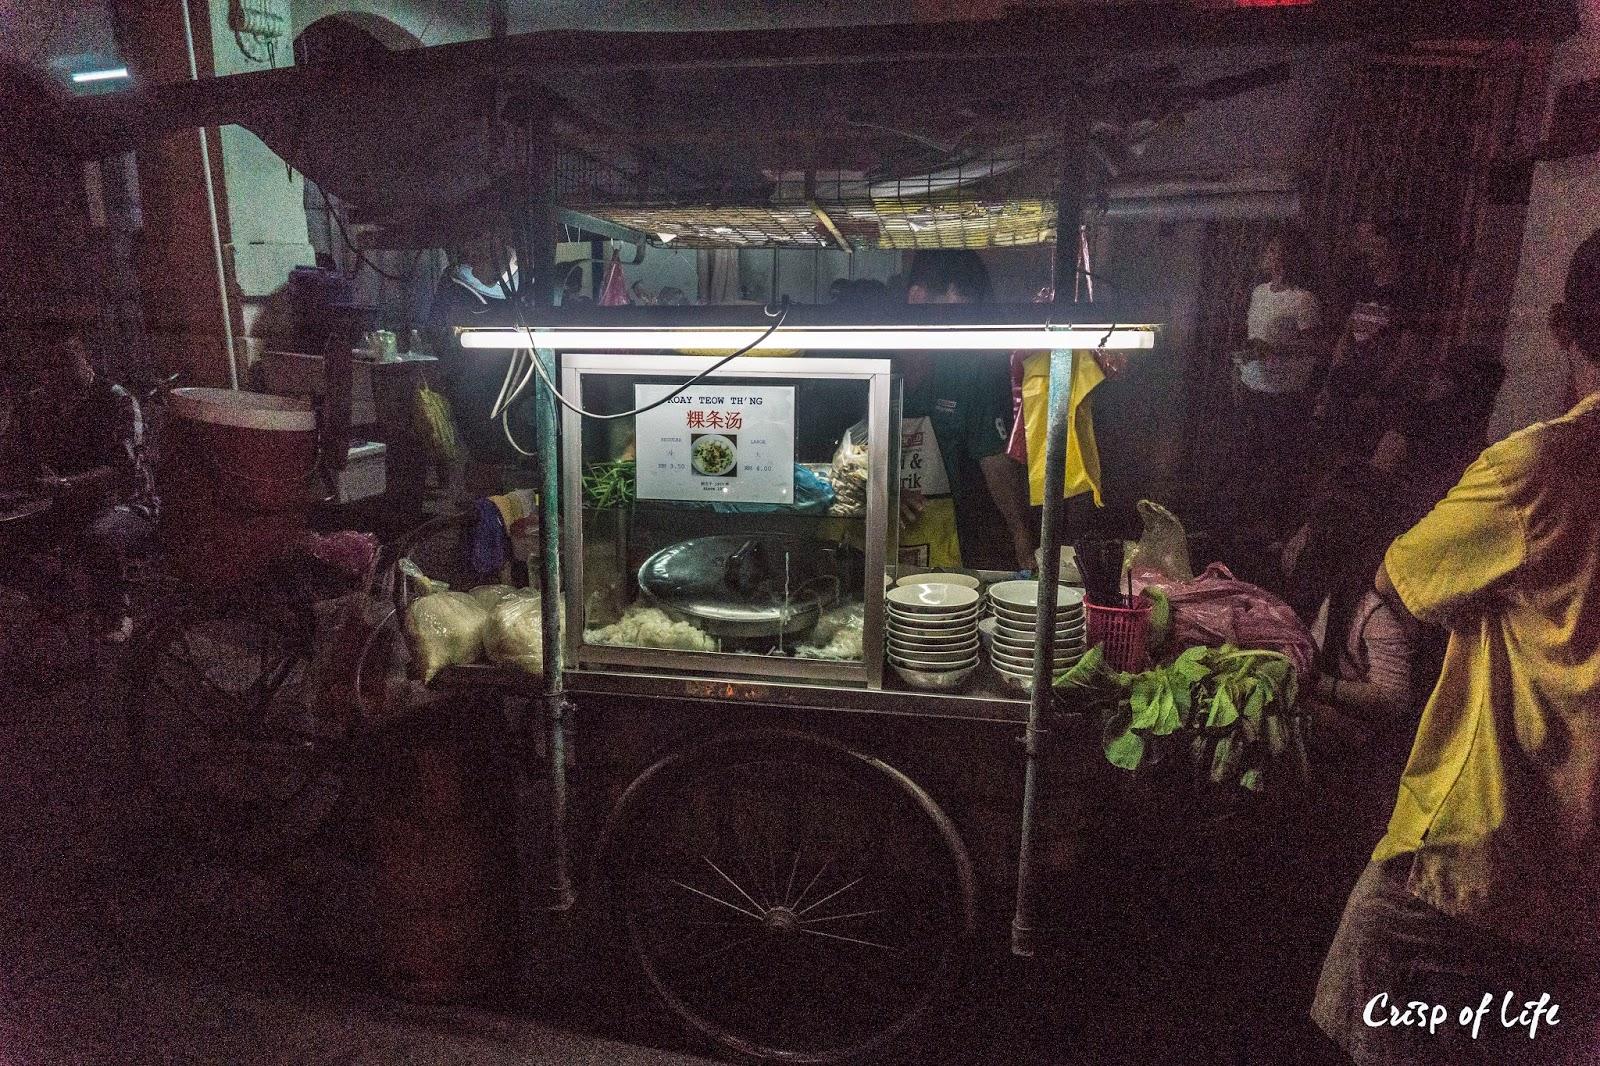 Char Hor Fun & Koay Teow Soup @ Beach Street, Penang